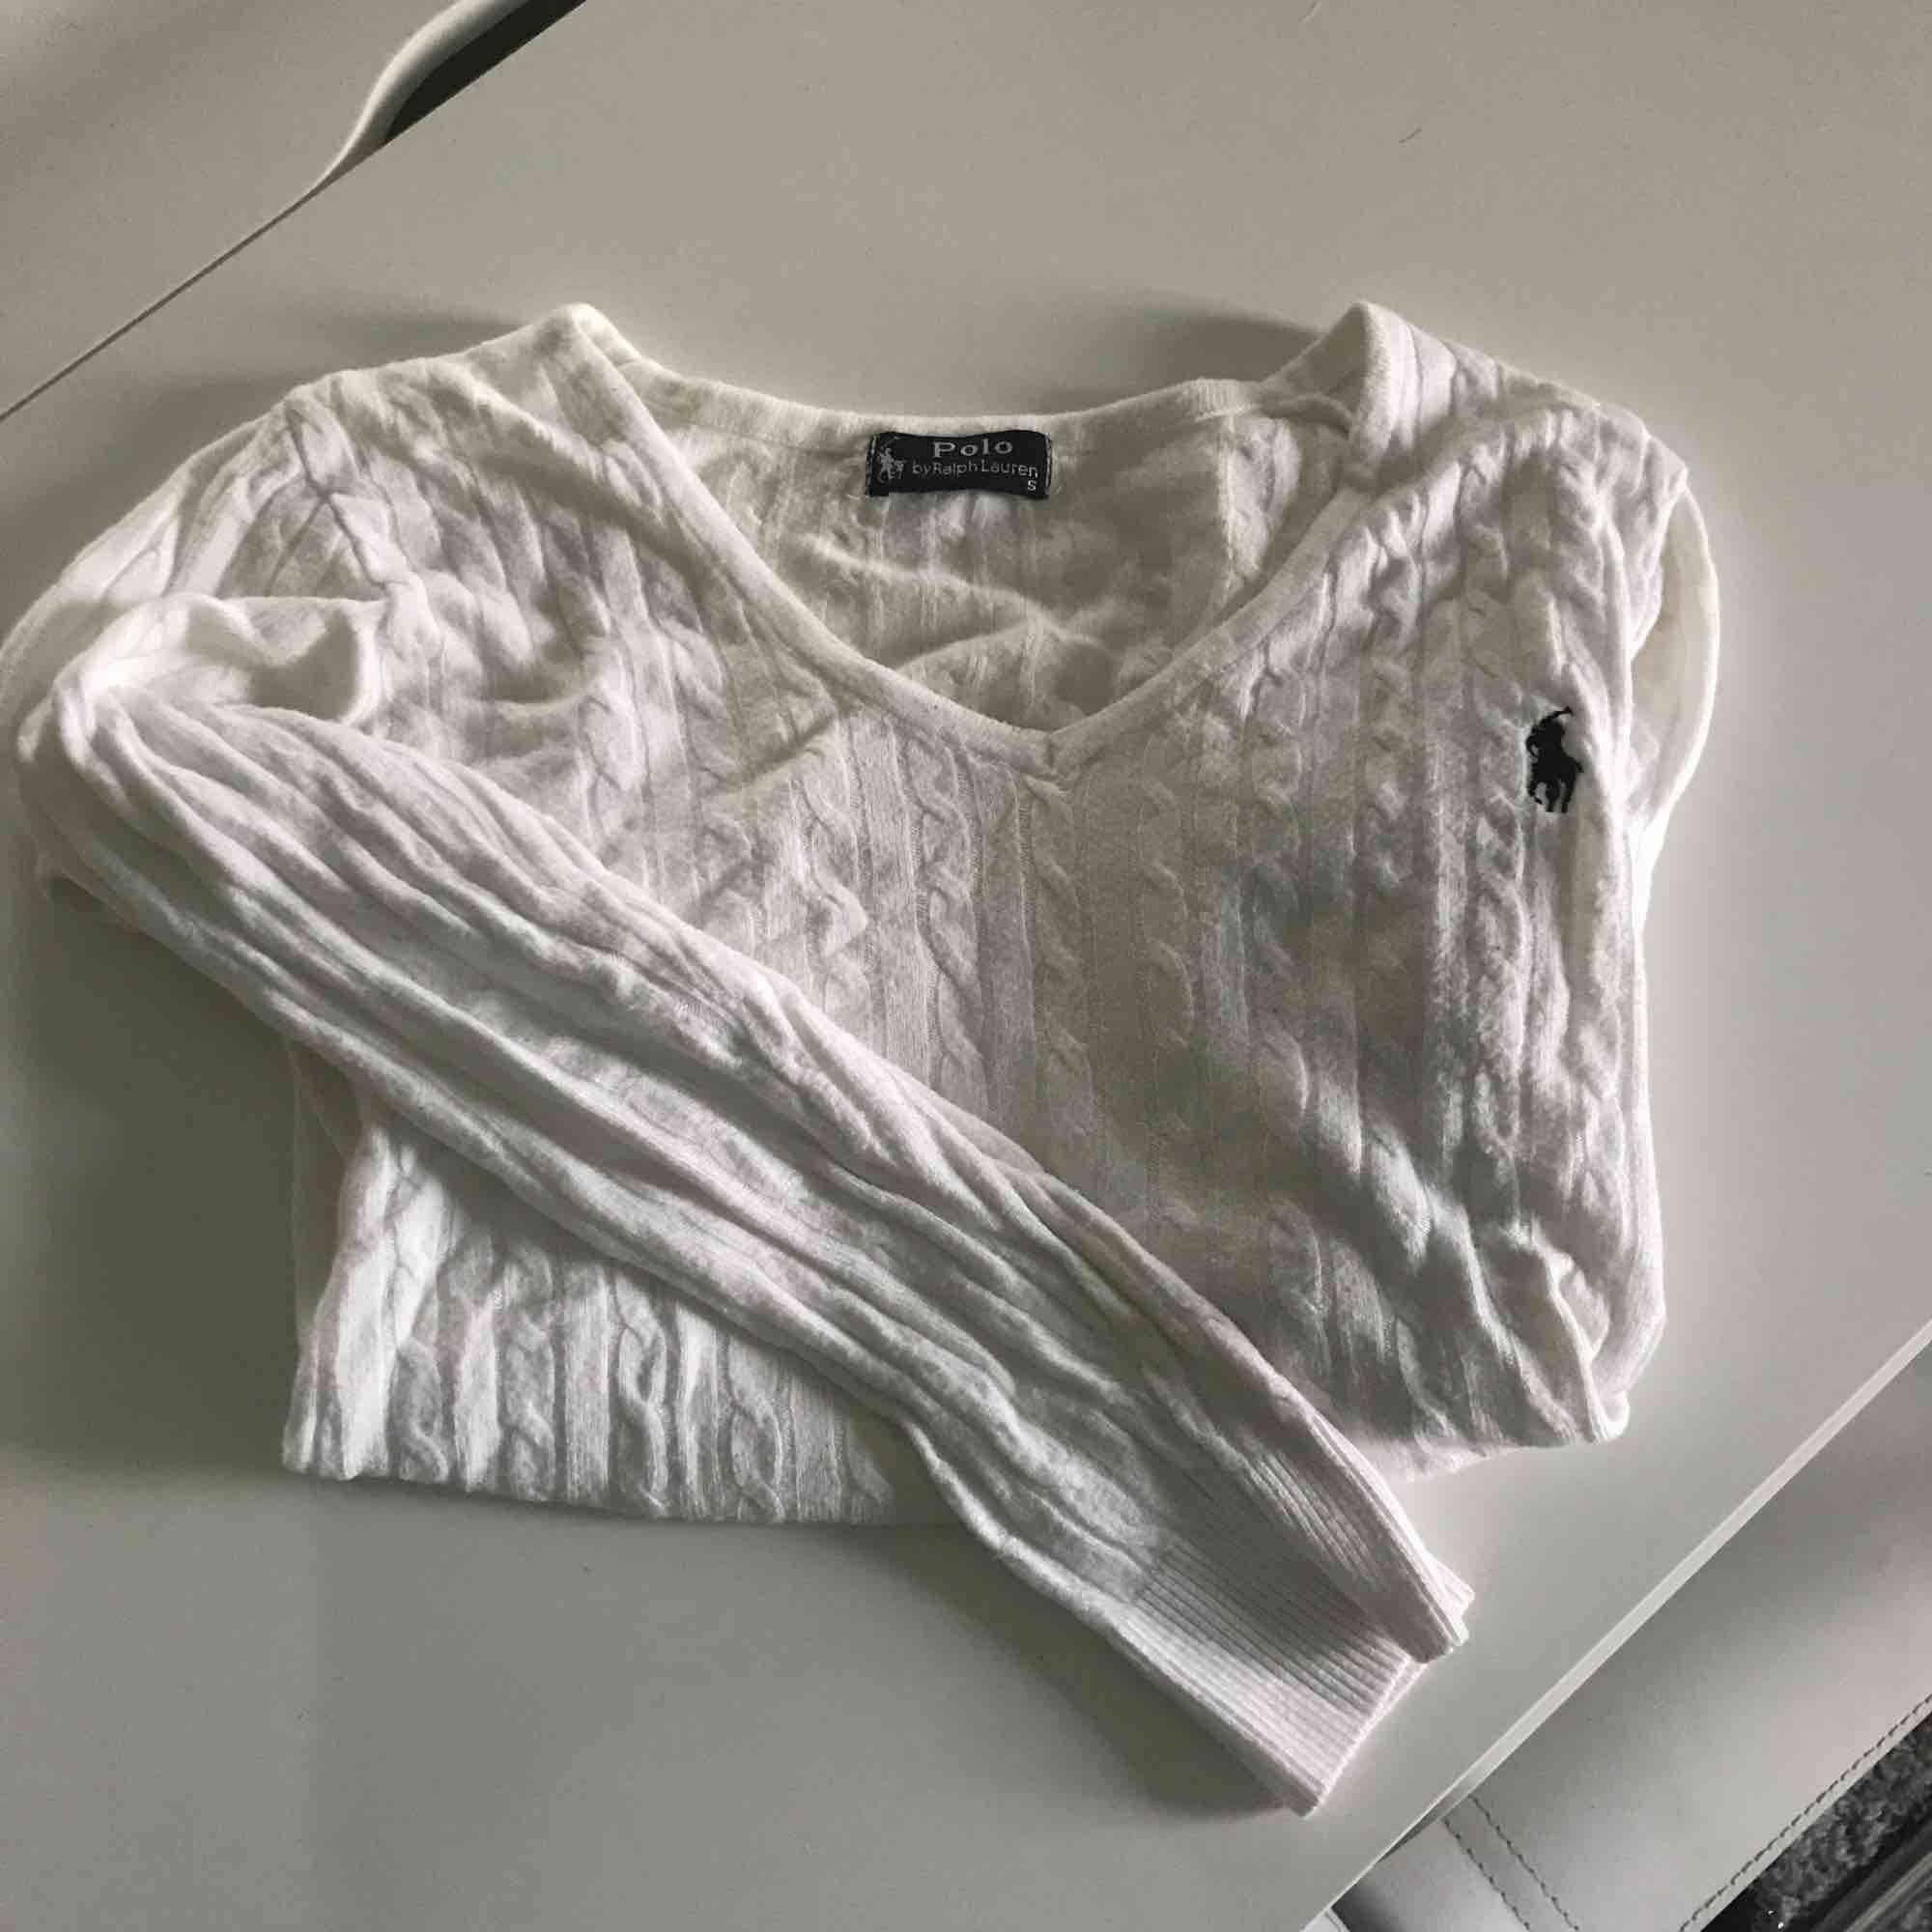 Vit, kabelstickad, tunnare Ralph Lauren tröja. Nypris 1099. Som ny. Stickat.